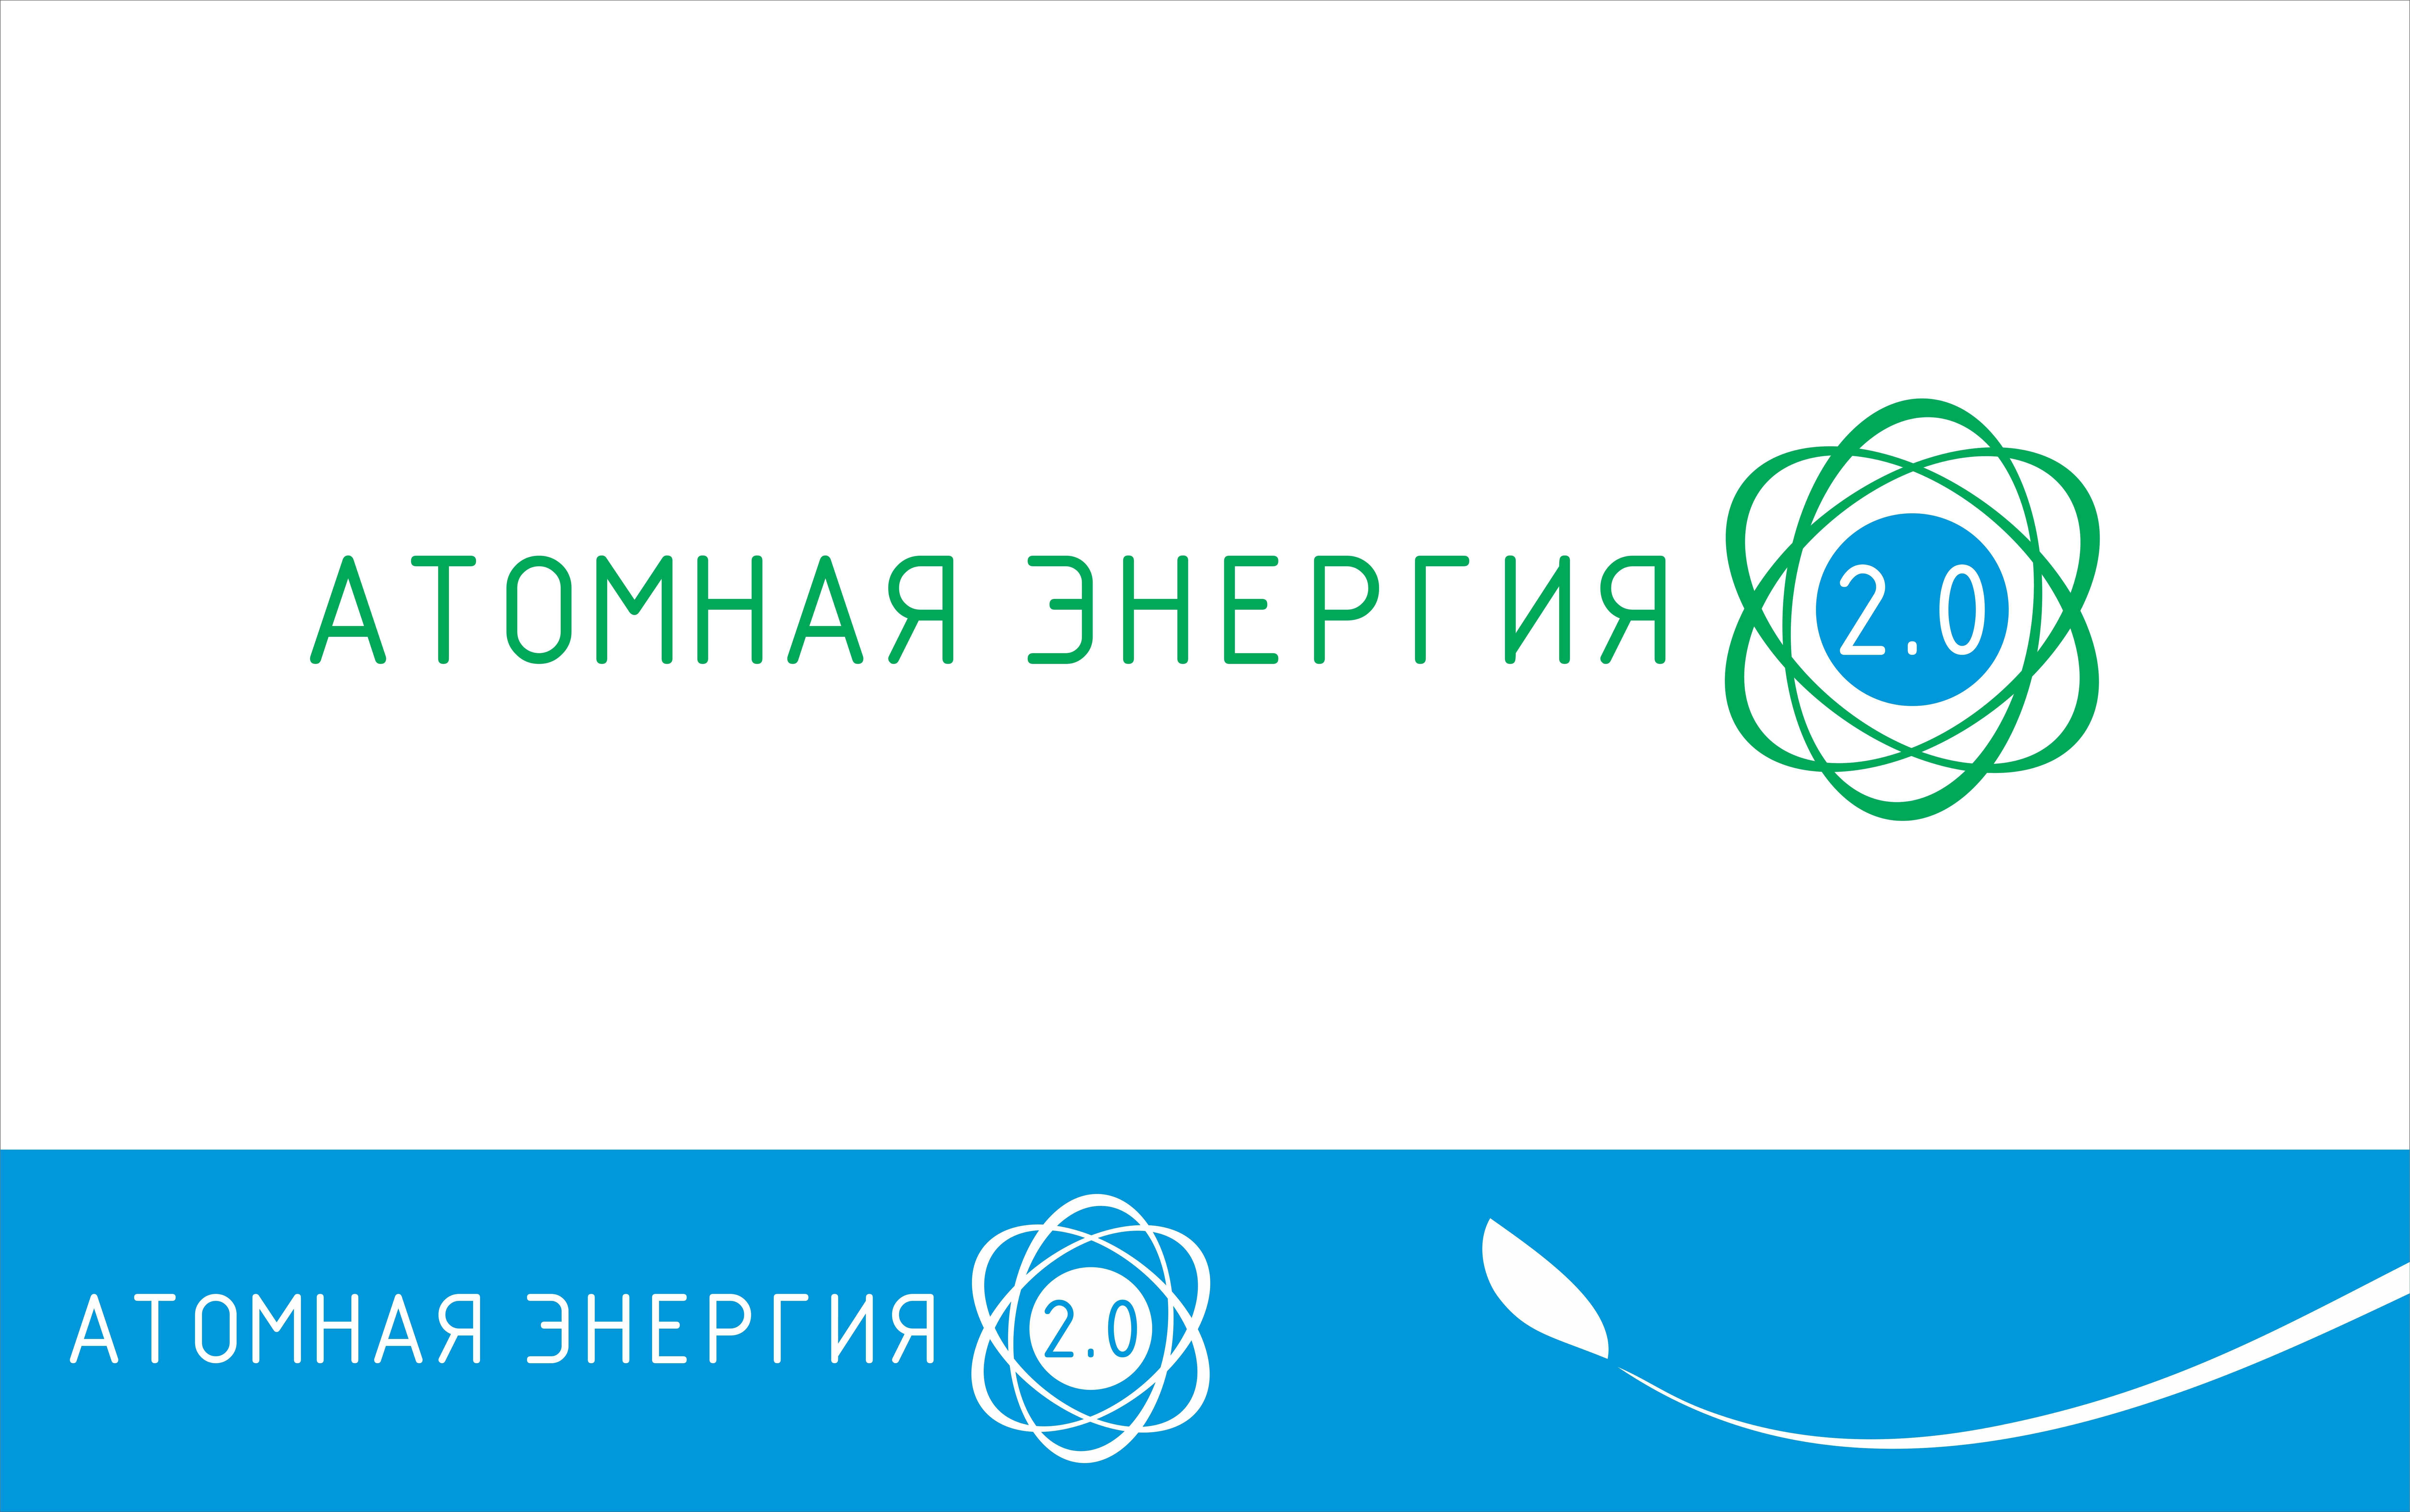 """Фирменный стиль для научного портала """"Атомная энергия 2.0"""" фото f_82659df3b7414630.jpg"""